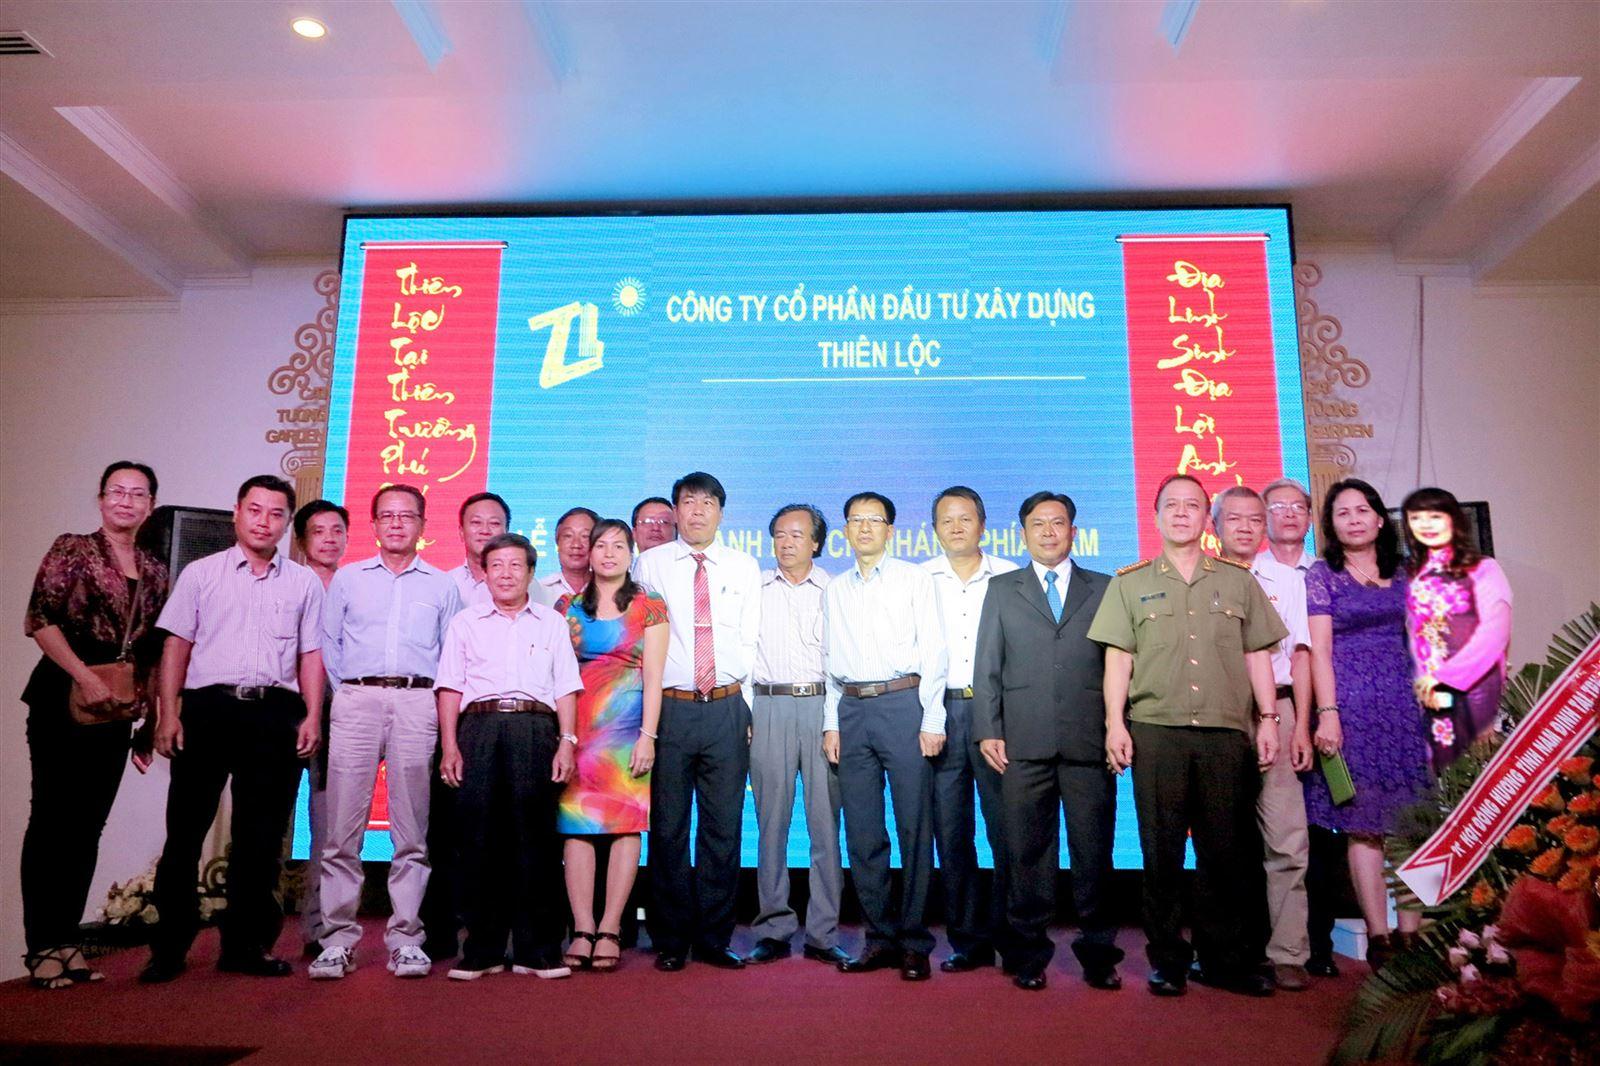 Chủ tịch Hội đồng quản trị kiêm Tổng Giám đốc Vũ Văn Trường và các đại biểu dự lễ thành lập Chi nhánh phía Nam